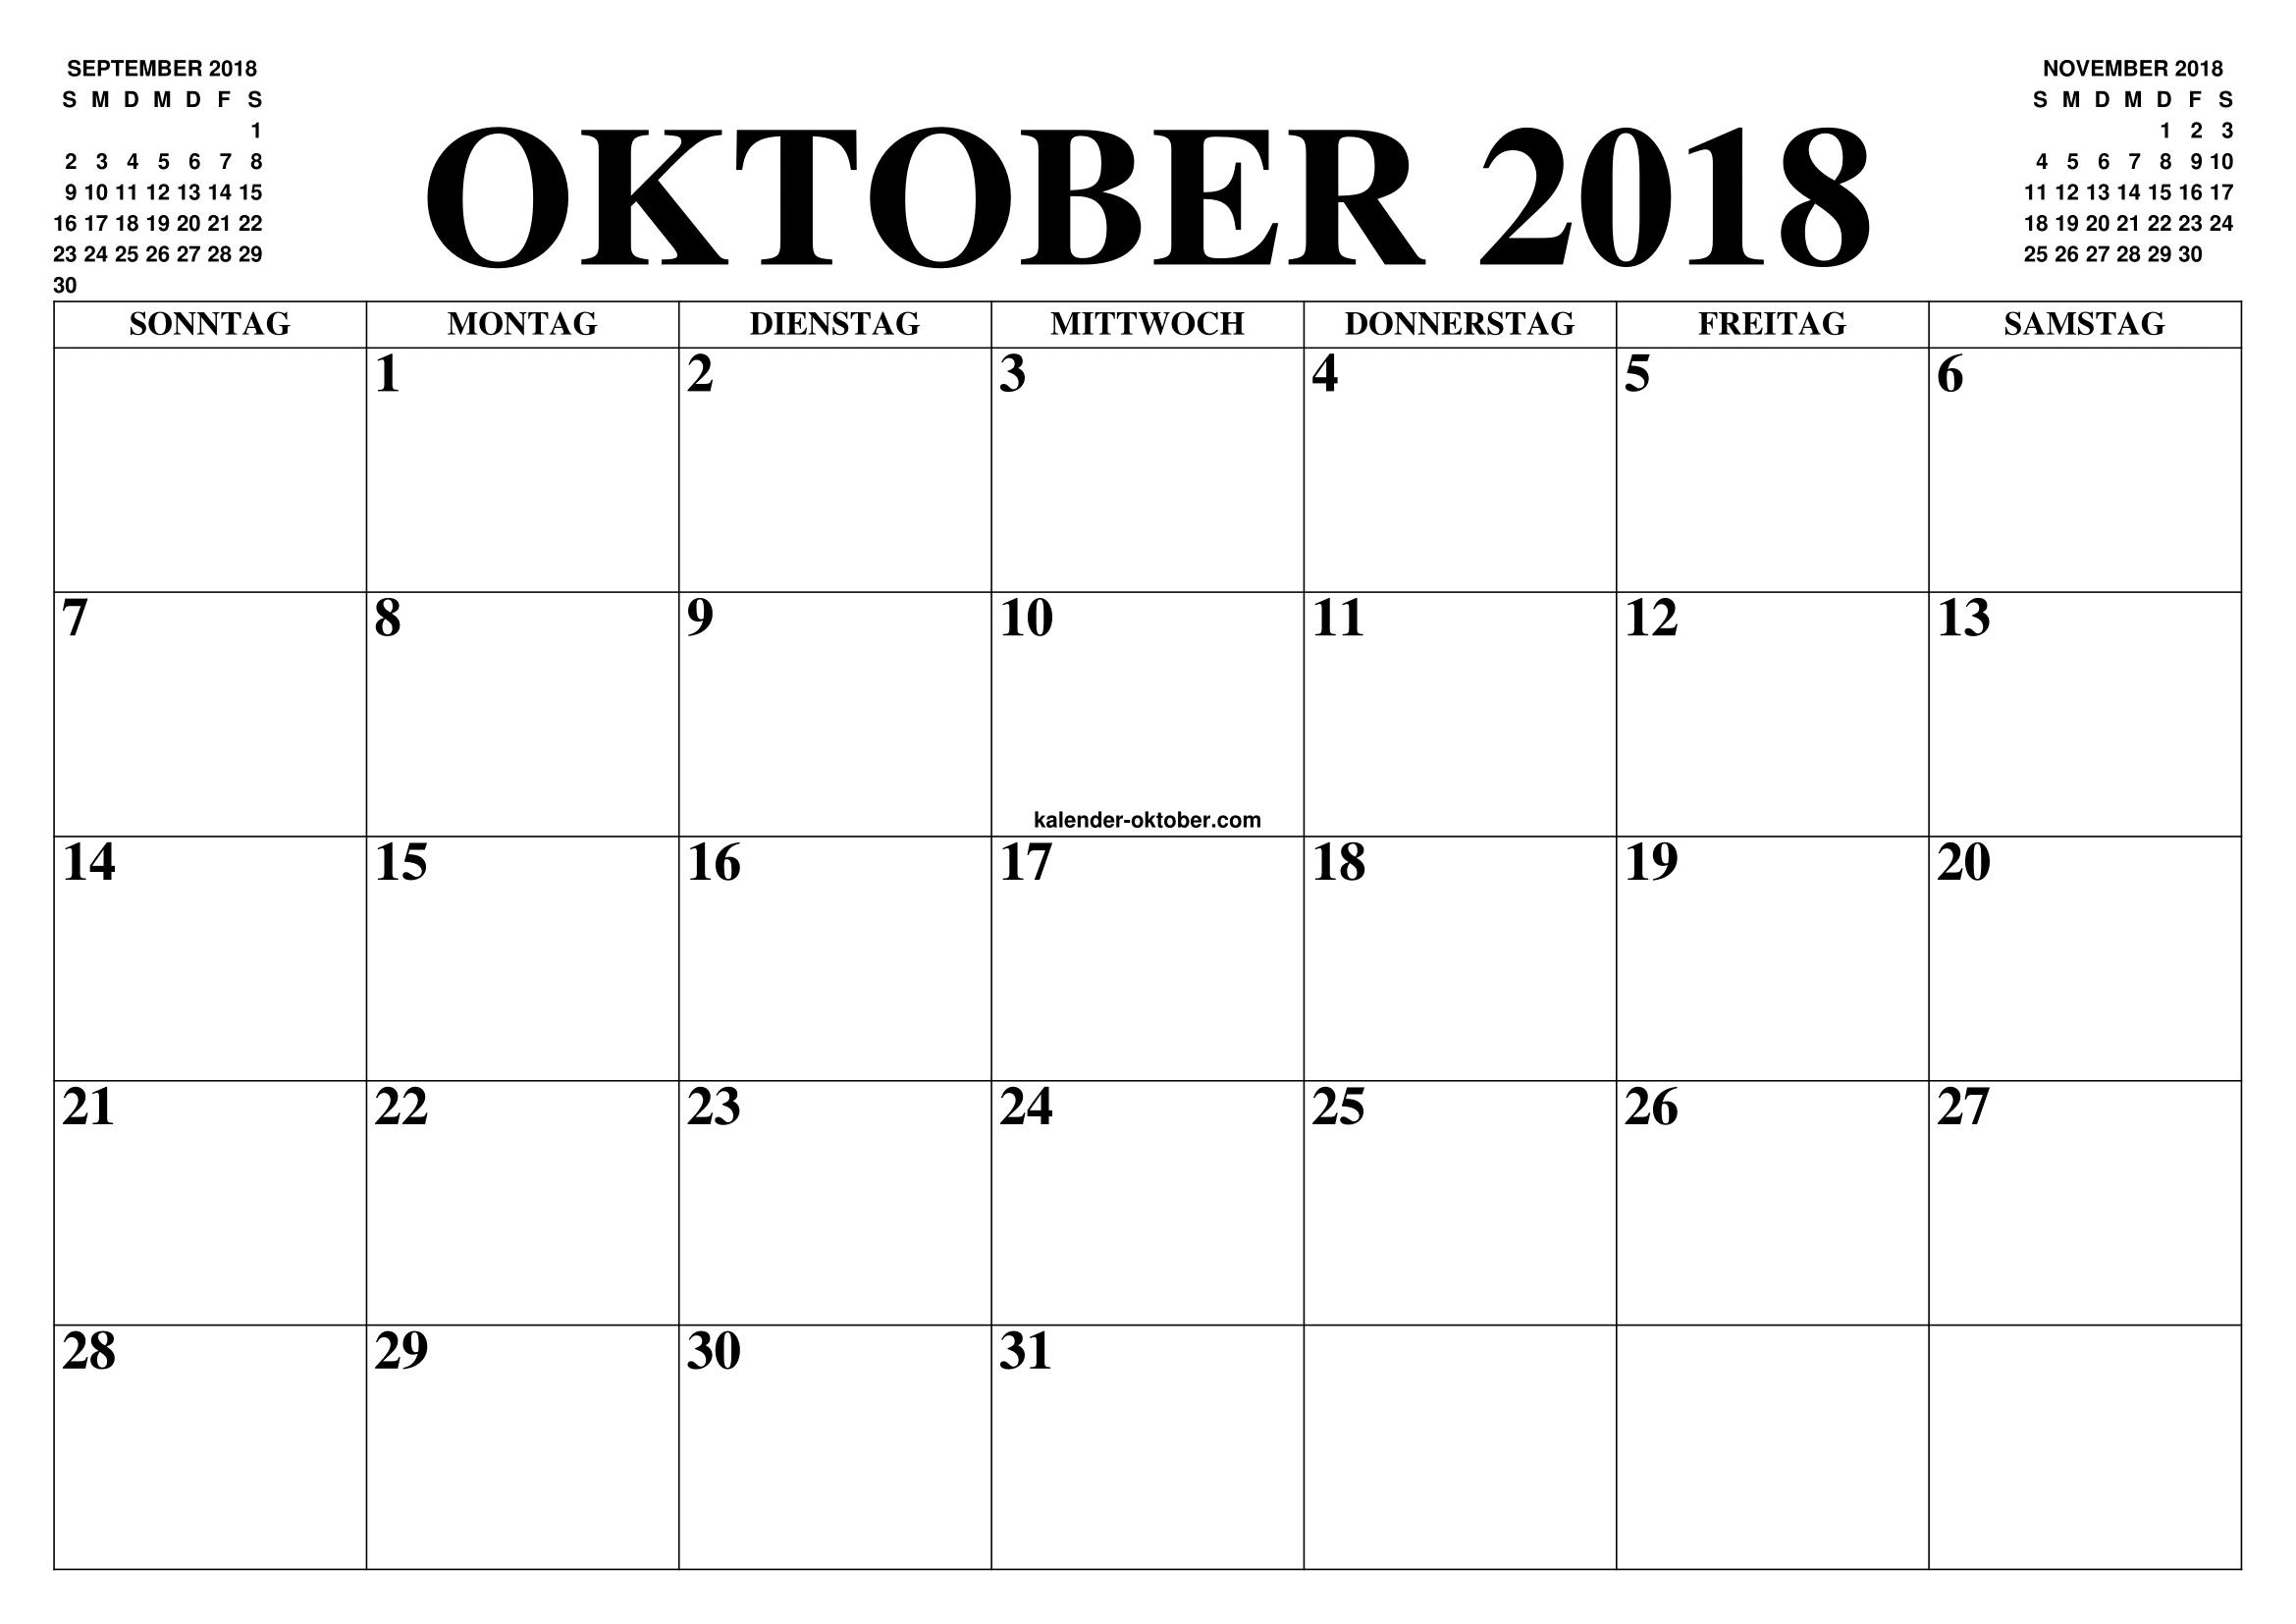 kalender oktober 2018 oktober 2018 2019 2019 kalender zum ausdrucken gratis monat und jahr. Black Bedroom Furniture Sets. Home Design Ideas